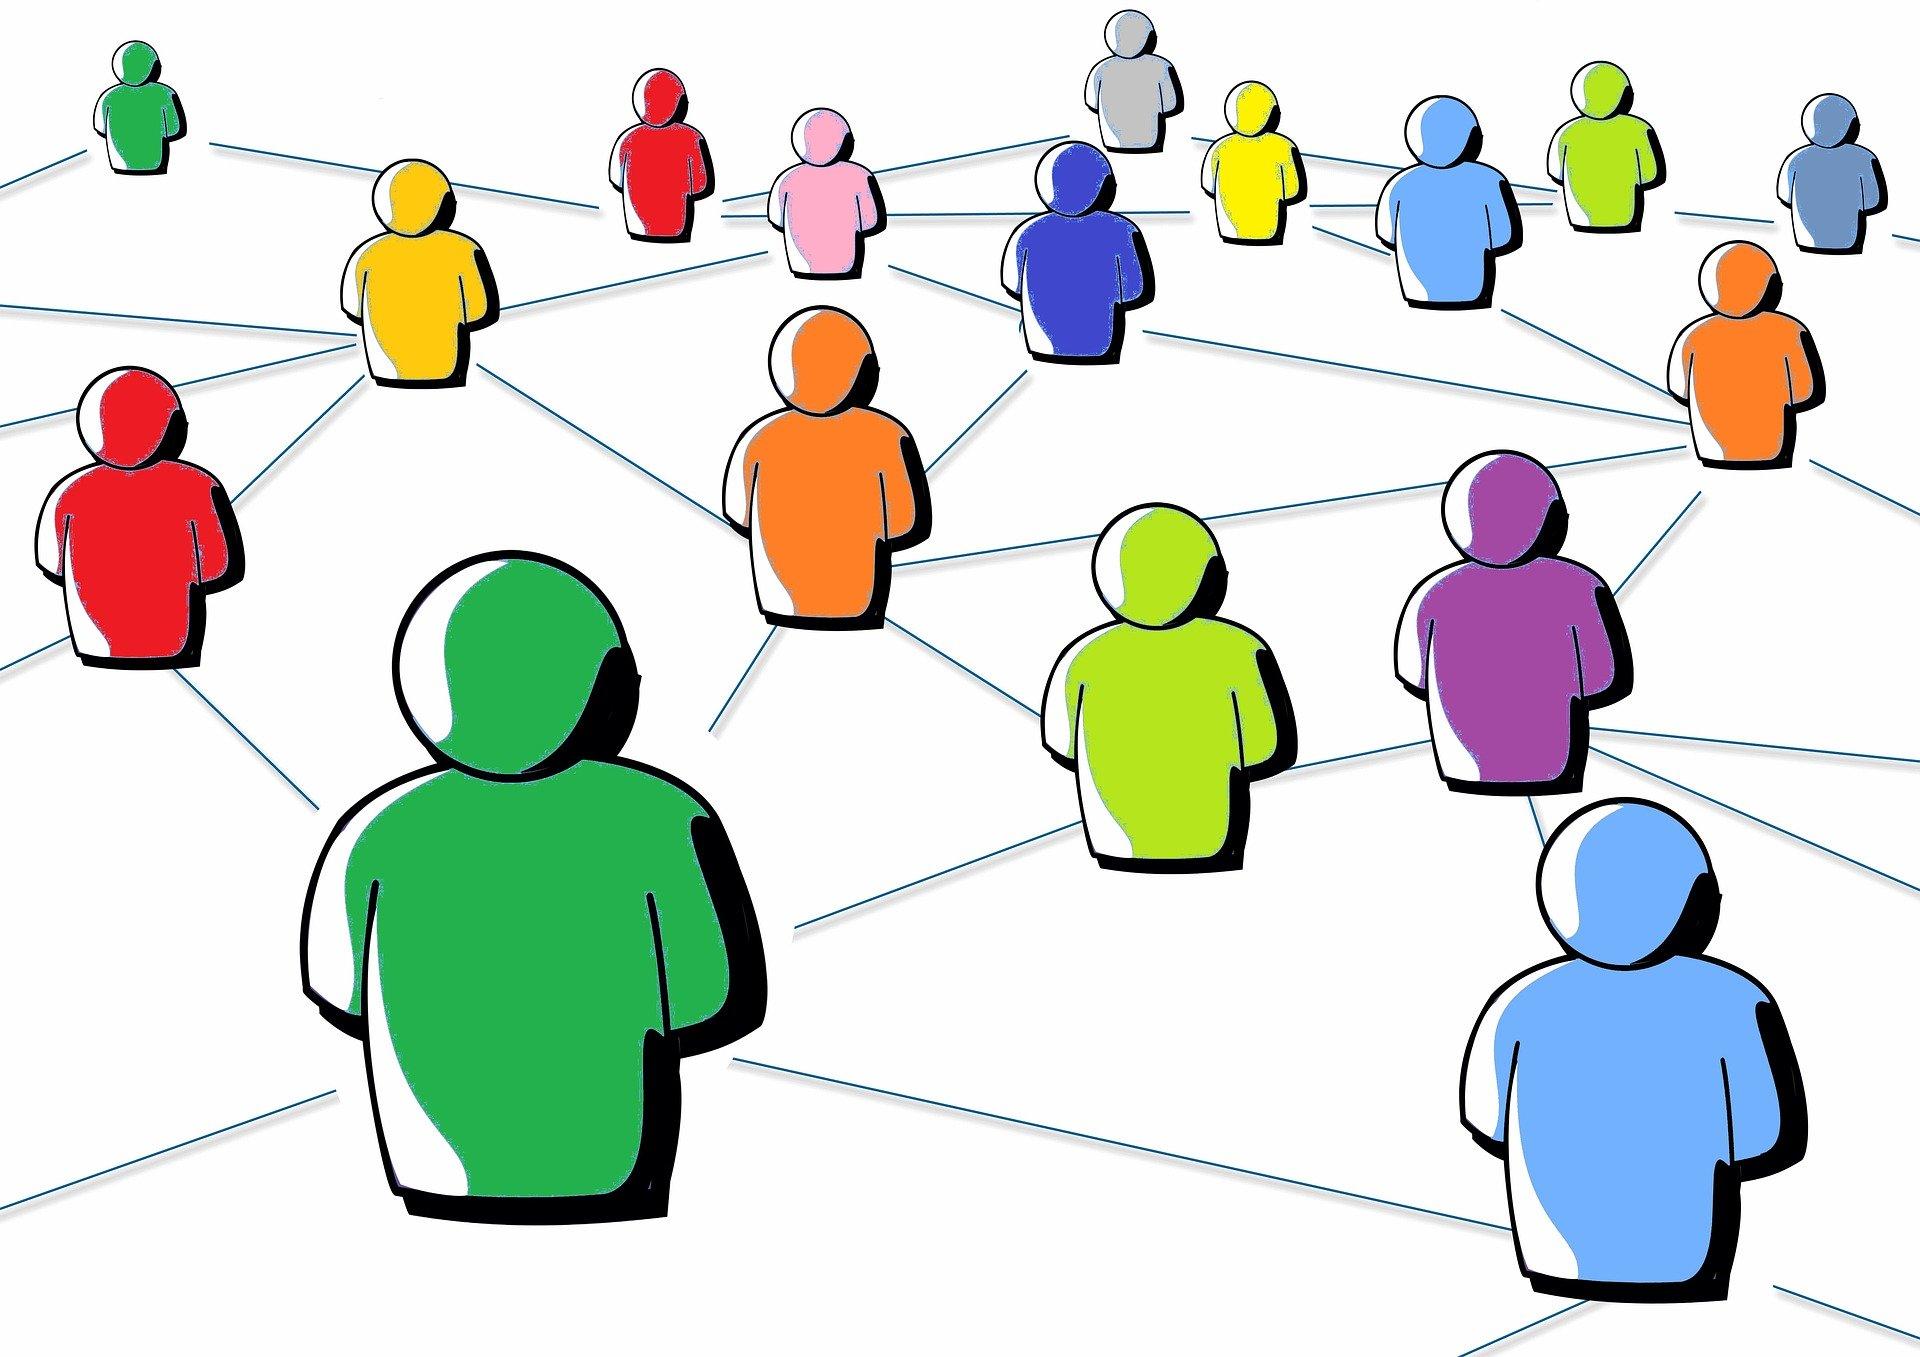 iniciativas-de-colaboración-ciudadana